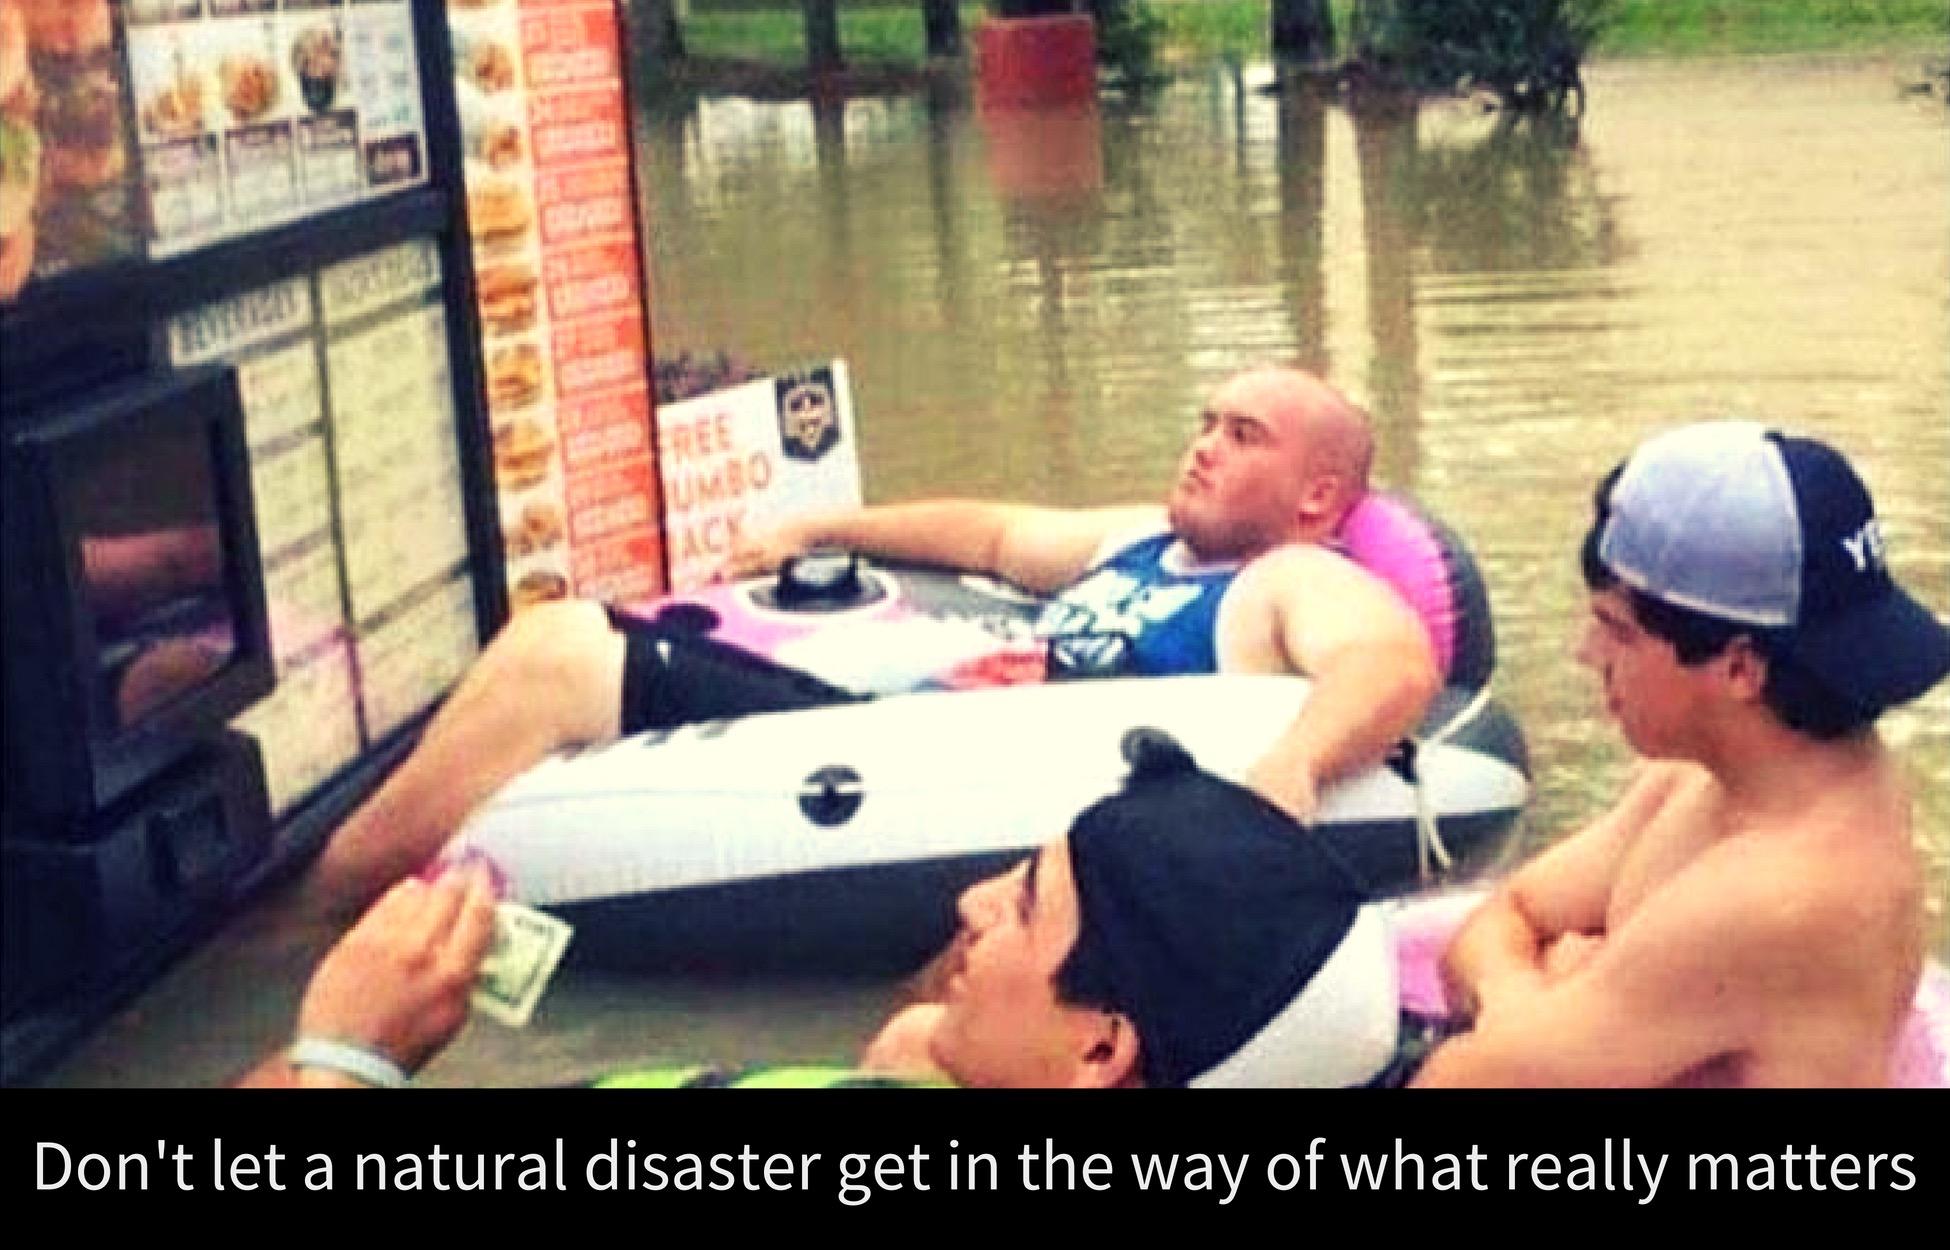 Meme of men prioritising fast food during natural disaster